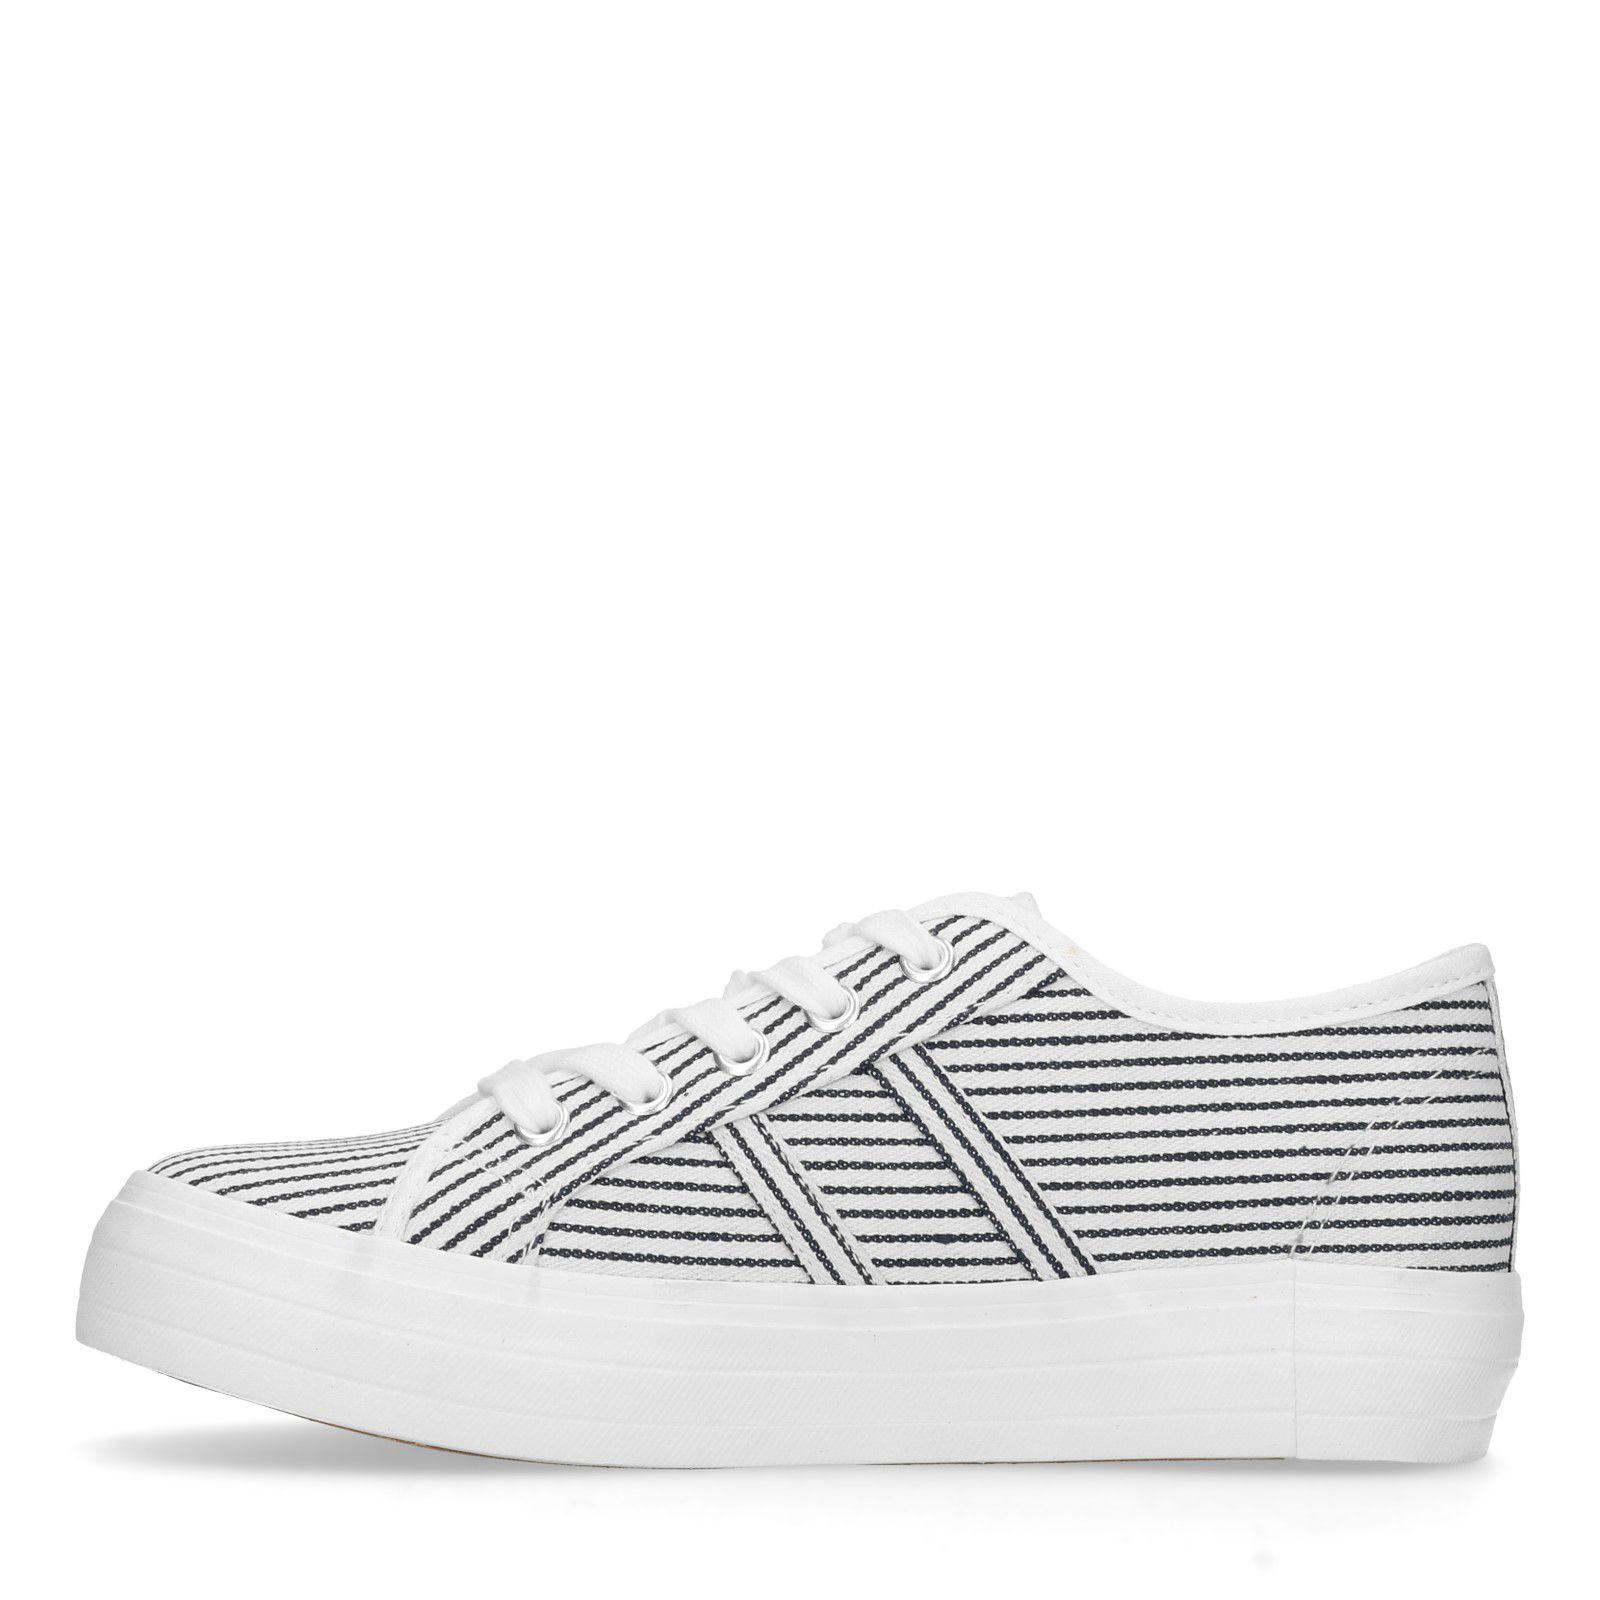 Strepen Sneakers online kopen | BESLIST.be | Lage prijs